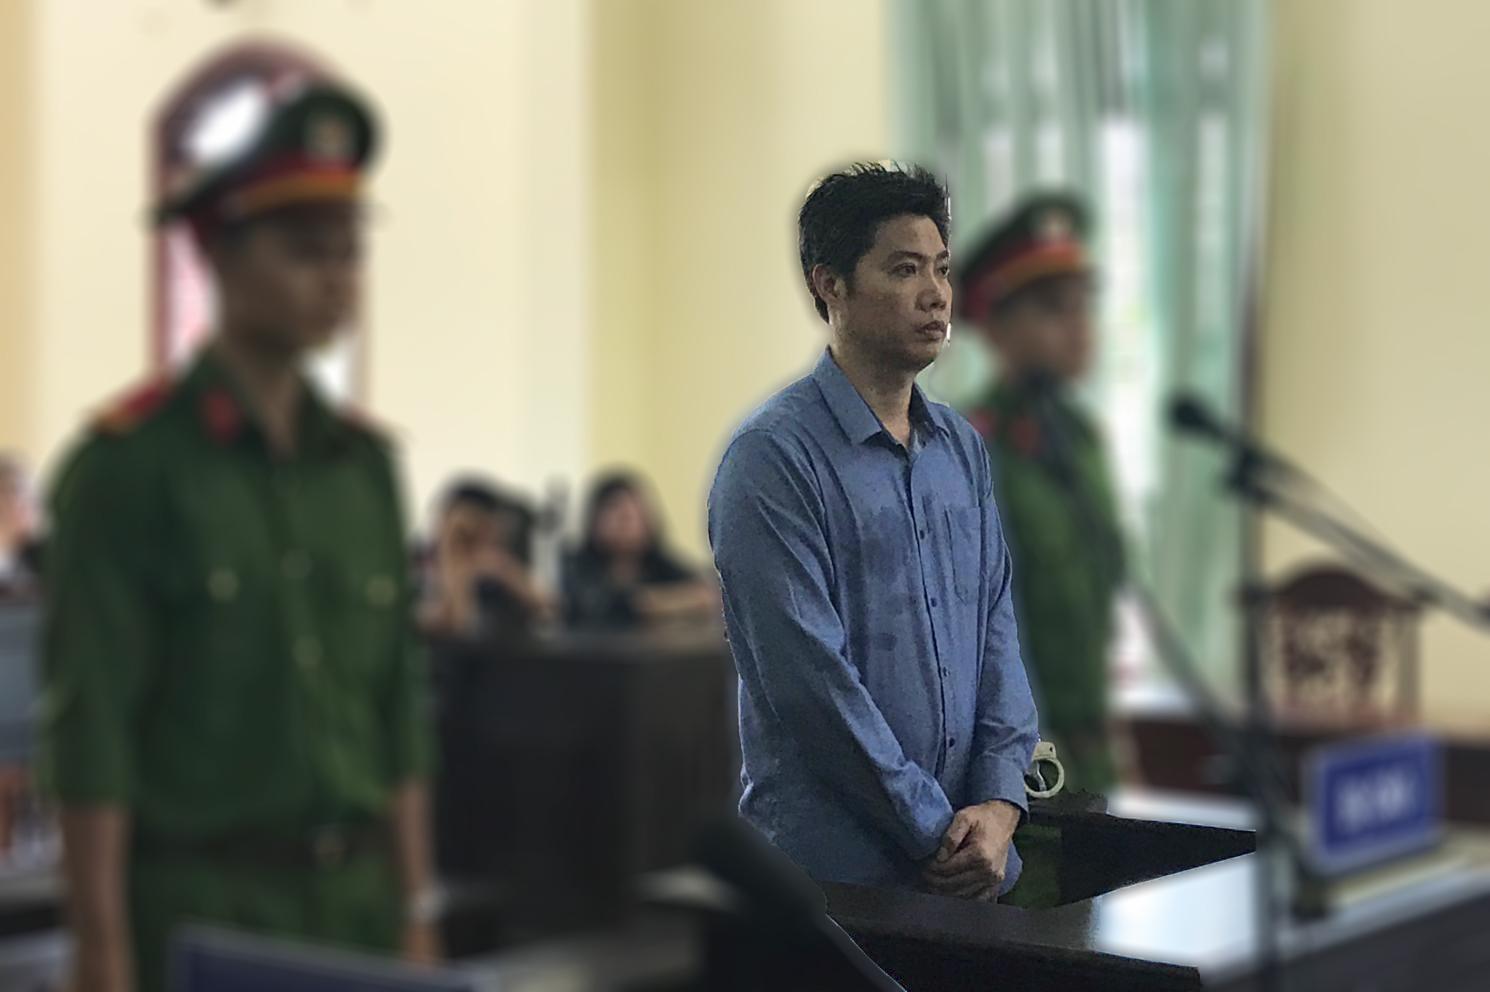 Nguyễn Thống Nhất bị tuyên án 10 năm tù tội lừa đảo. Ảnh: KIỀU CHINH